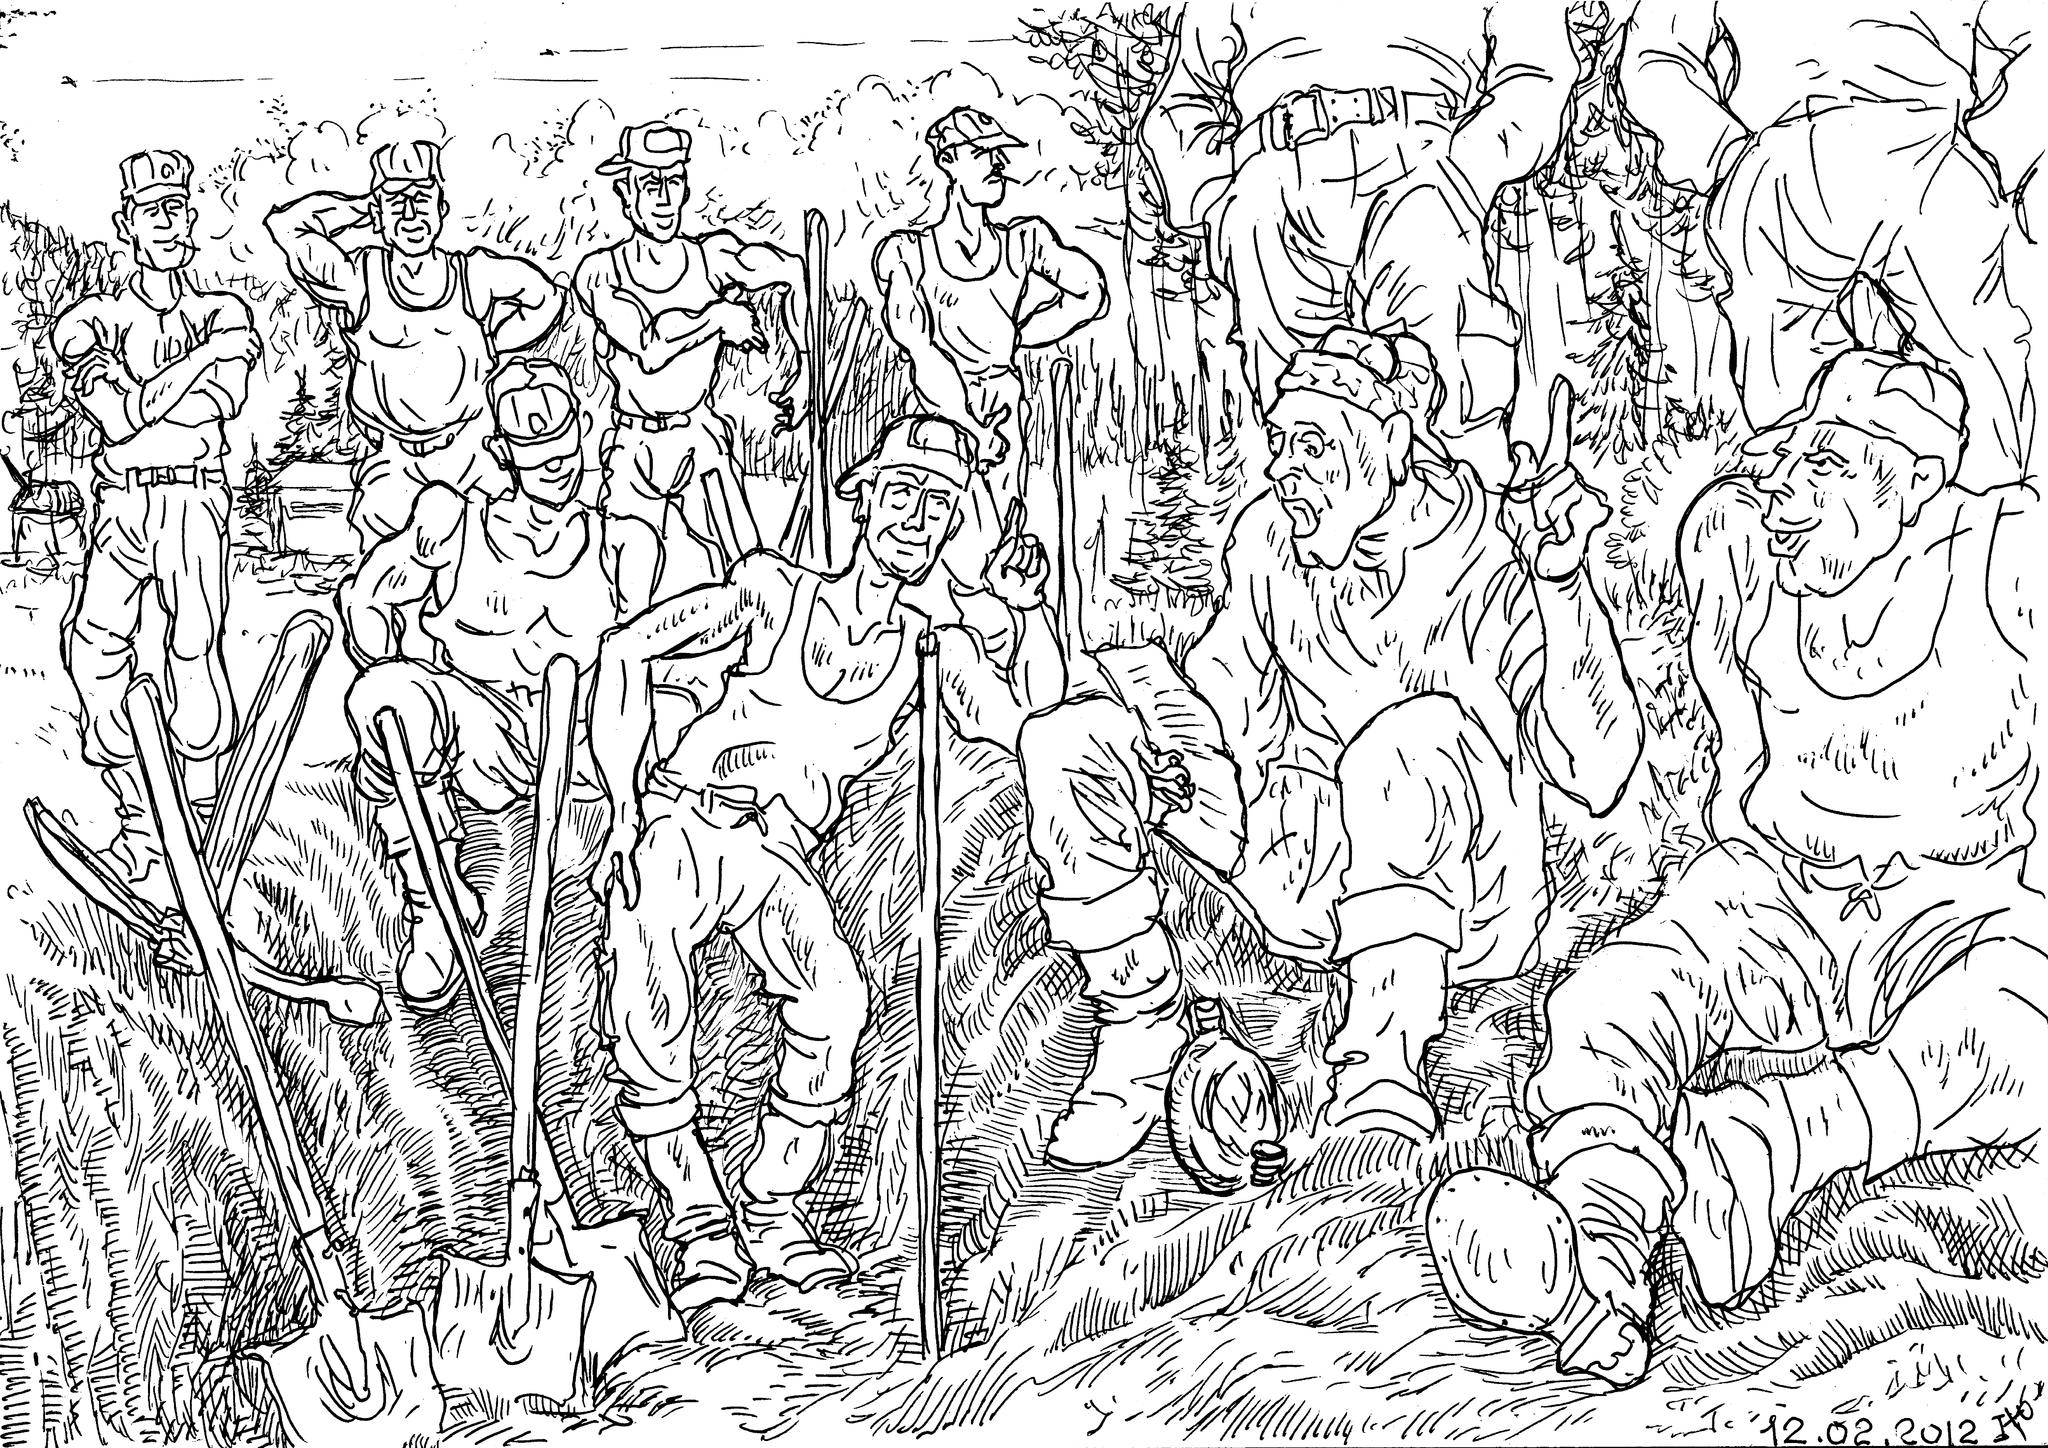 Солдаты, при ведении земляных работ, выкопали солдатскую фляжку, в которой обнаружили письмо потомкам